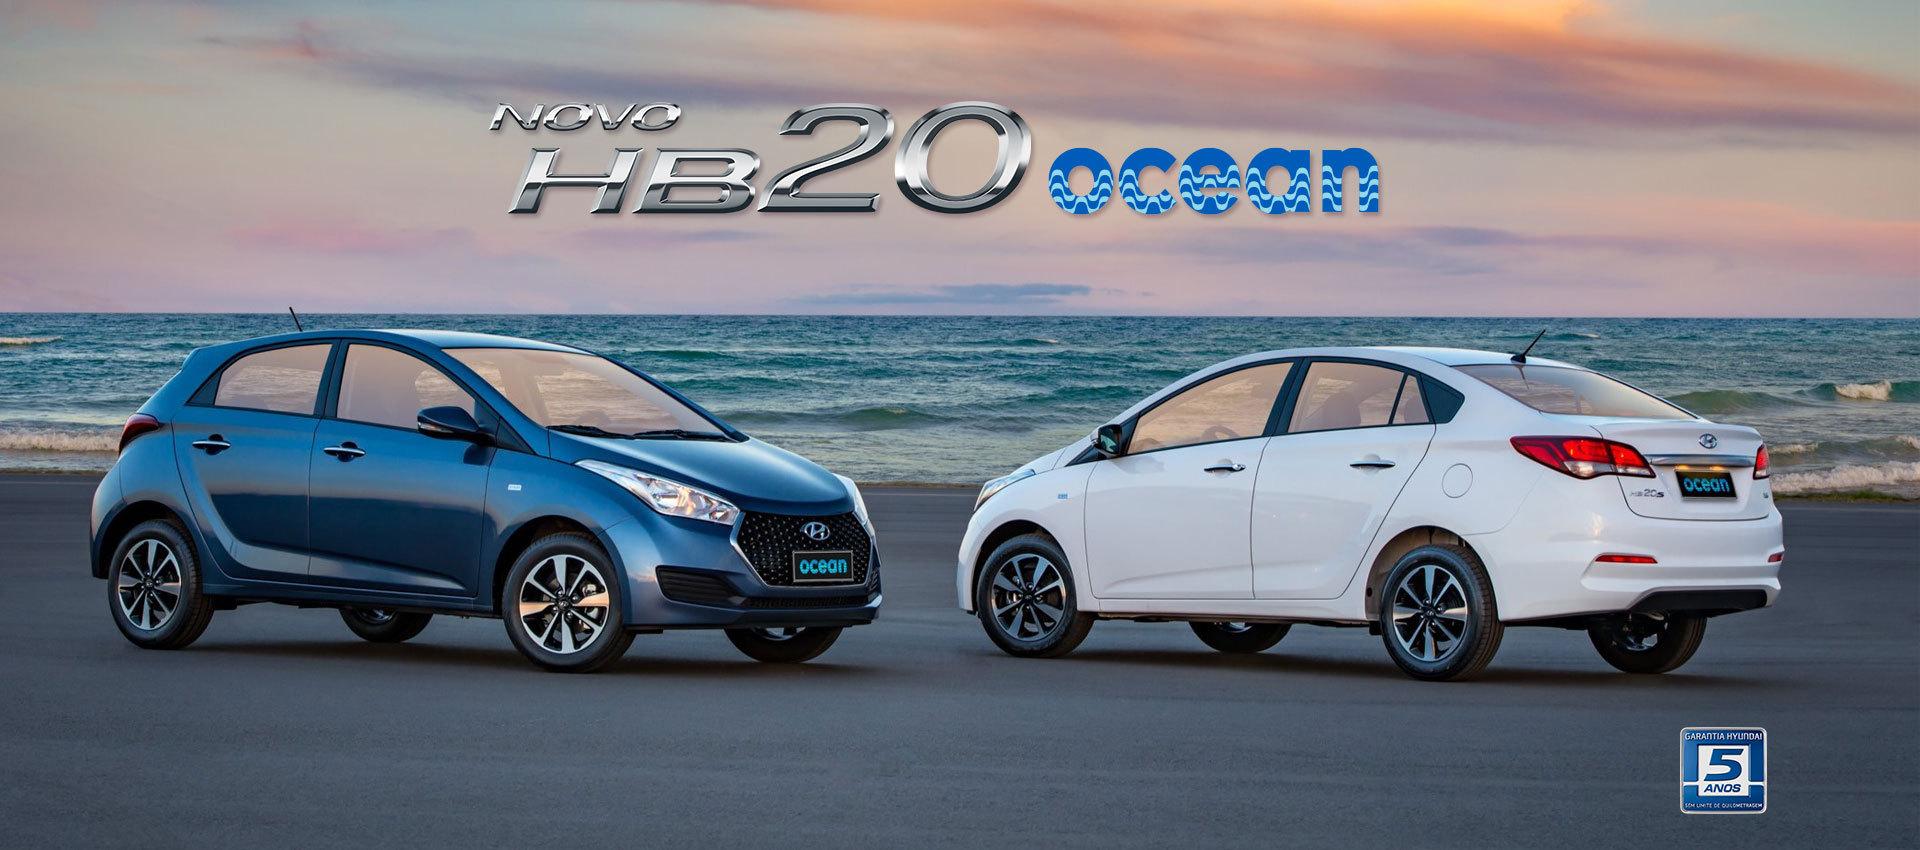 - HB20 Ocean